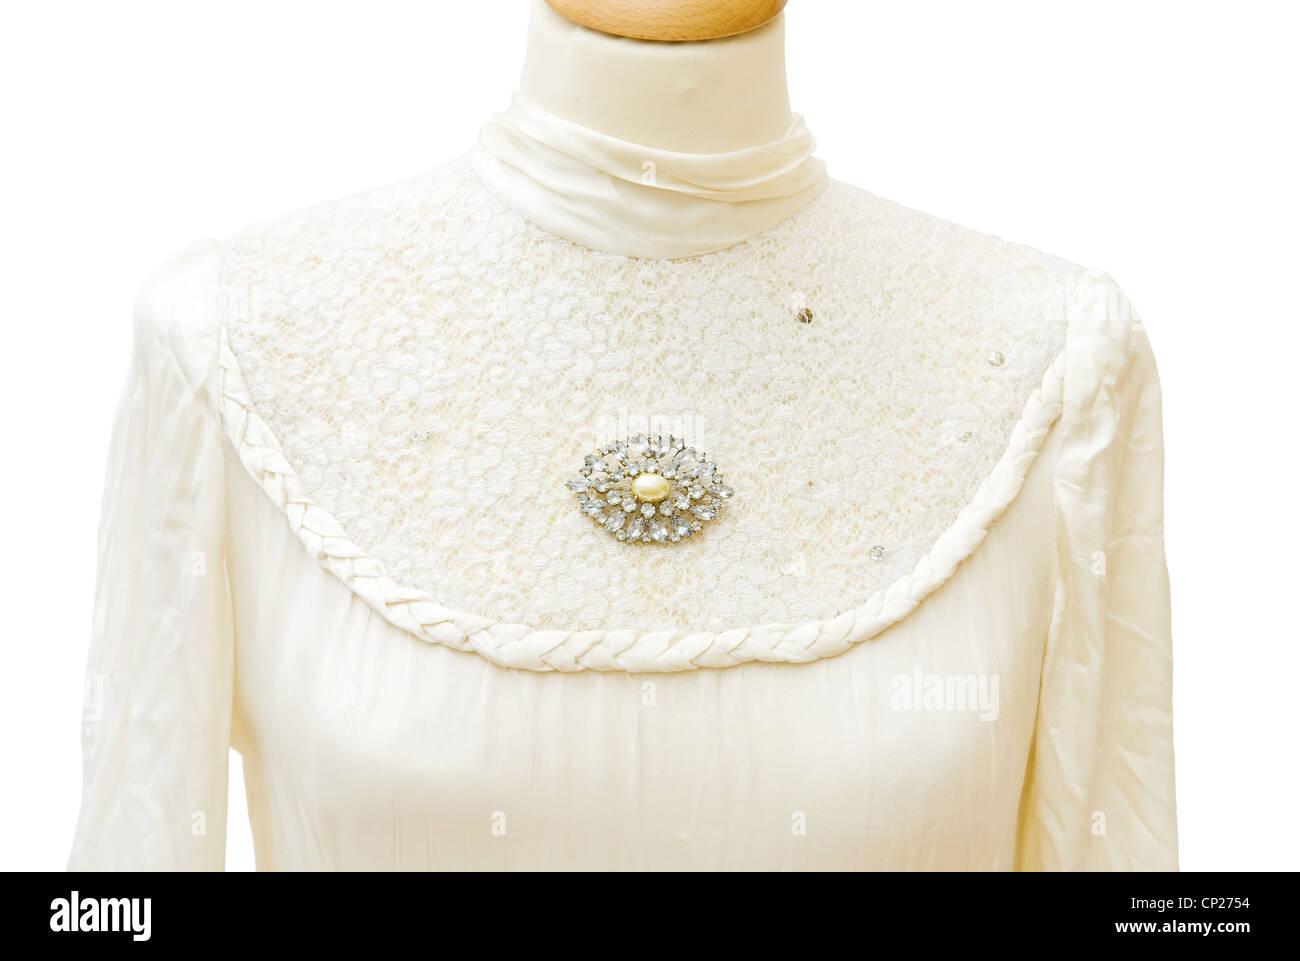 Echte 1930 weiße satin Brautkleid. Schmuck Vintage Brosche mit ...